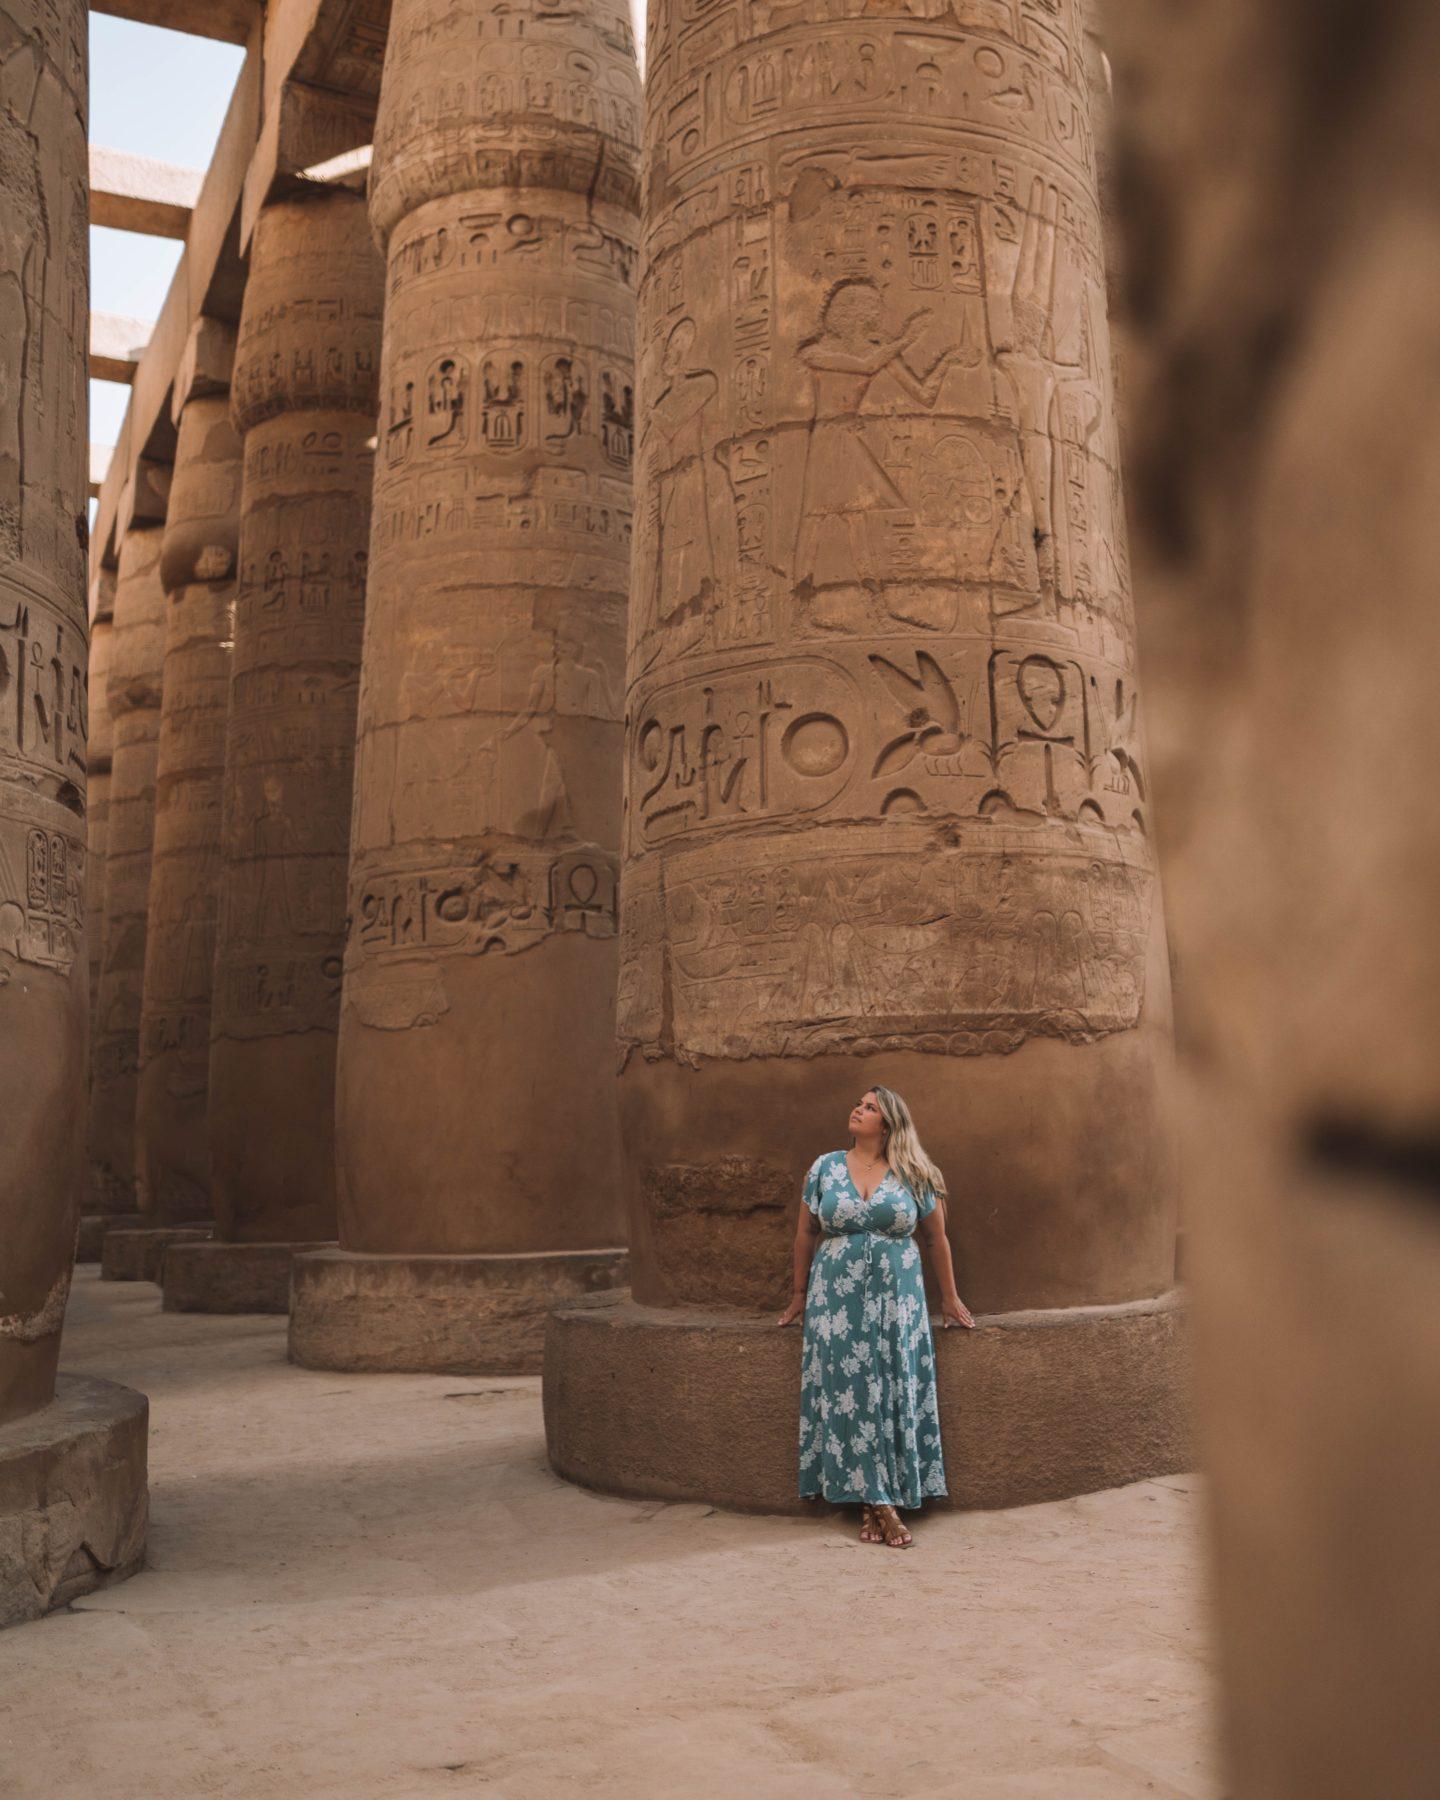 karnak temple pillars | egypt itinerary